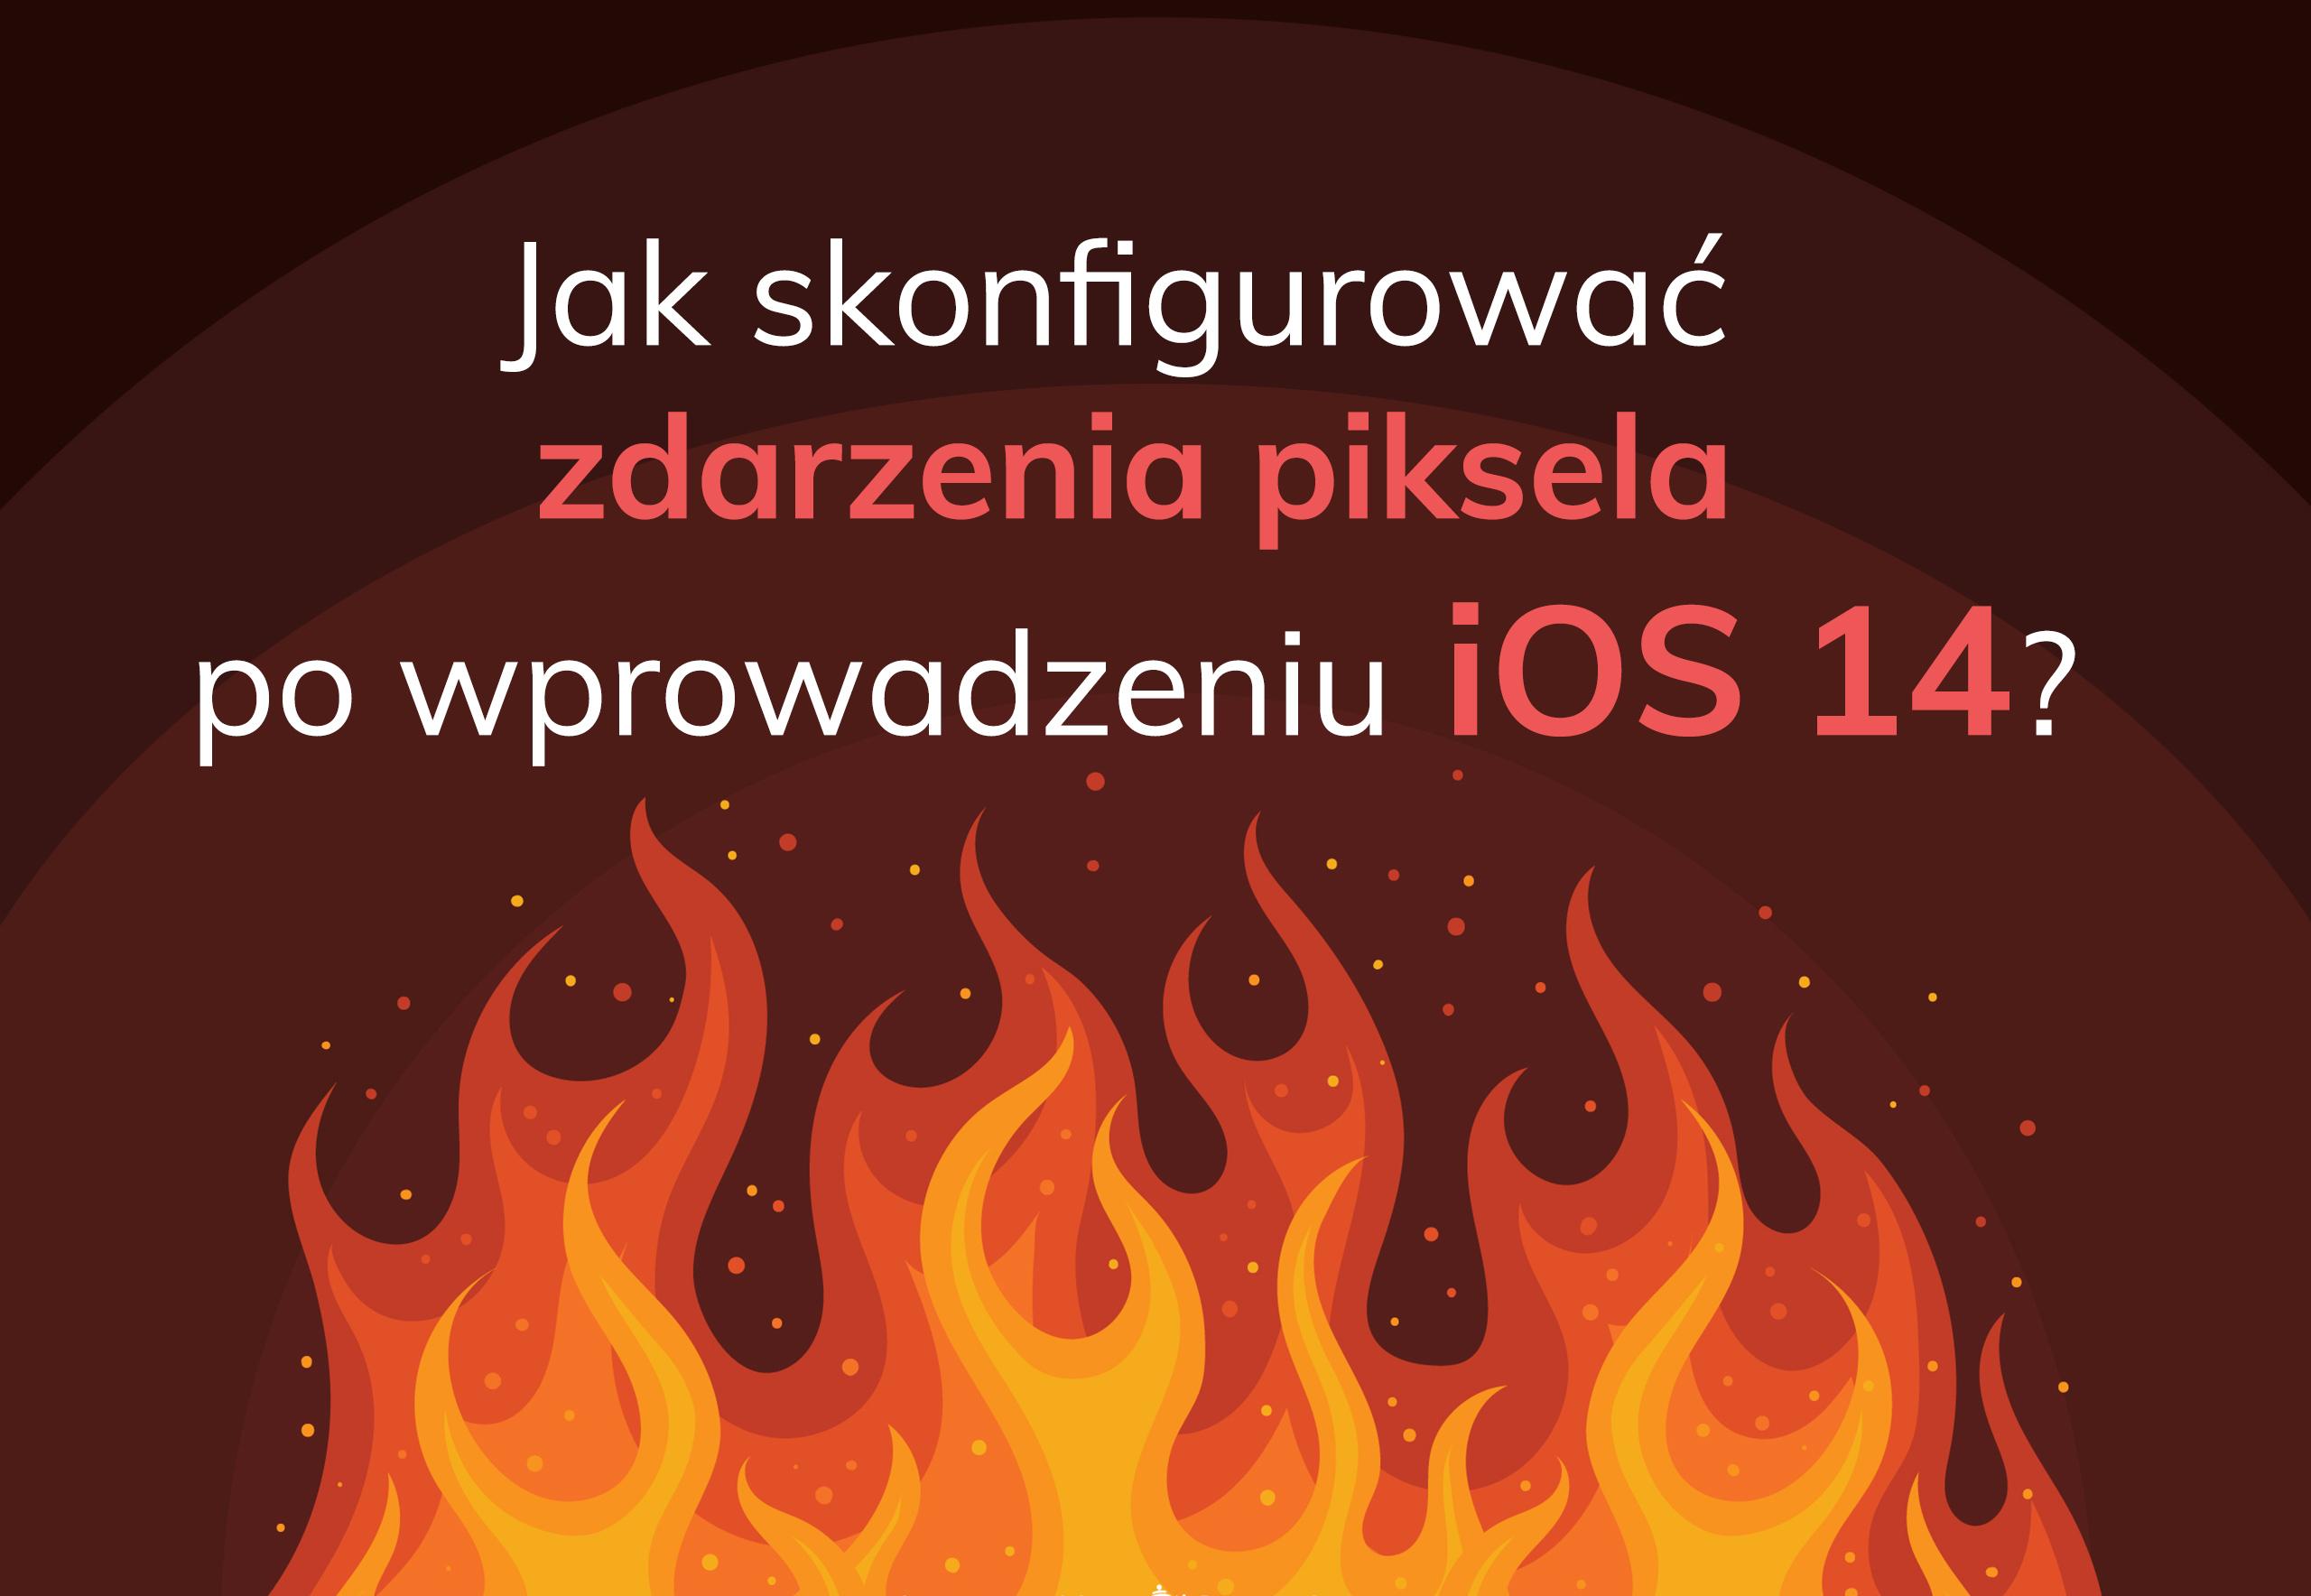 Jak dodać zdarzenia Facebooka - iOS 14